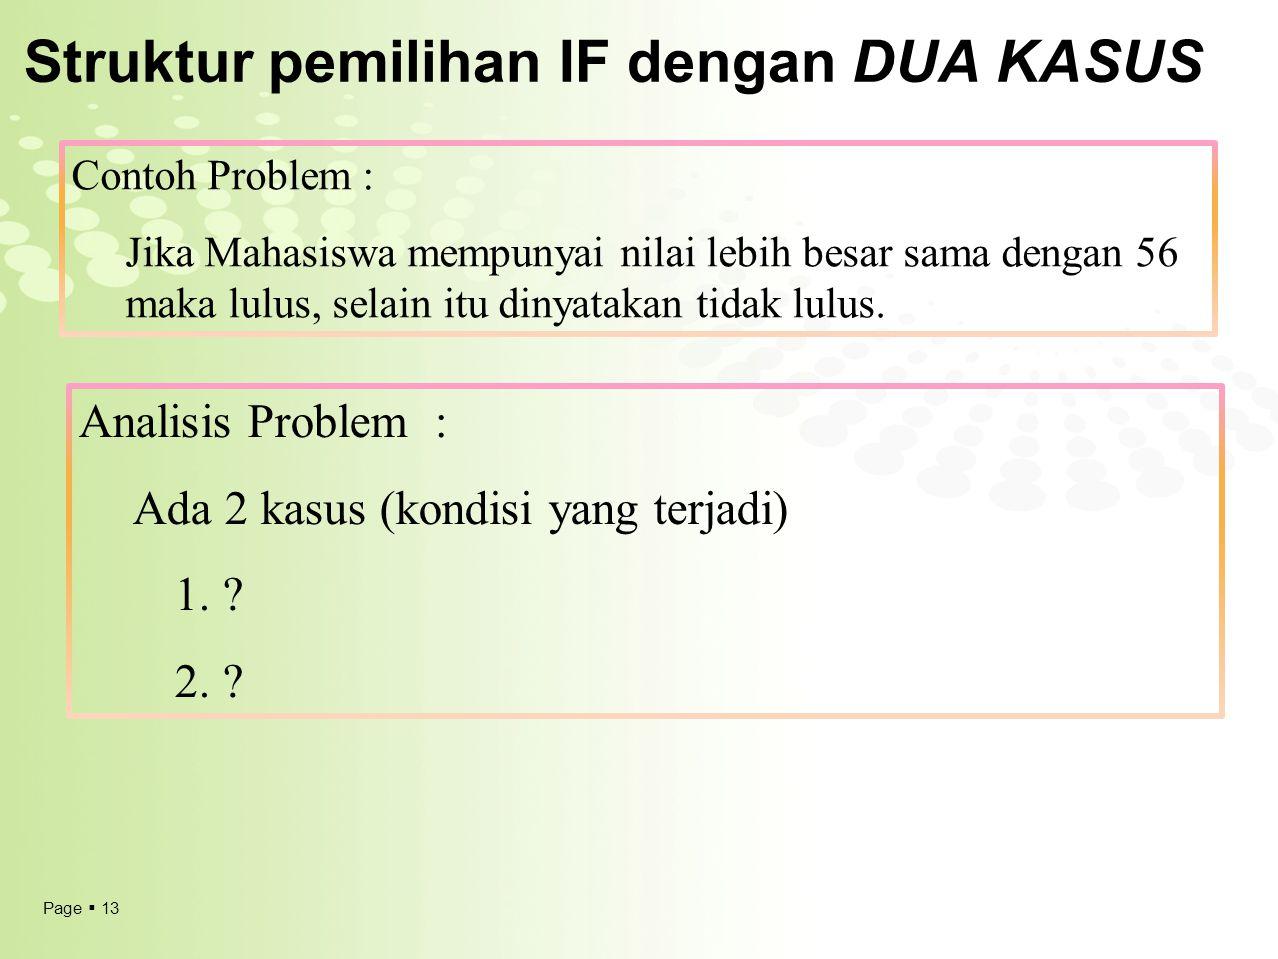 Page  13 Struktur pemilihan IF dengan DUA KASUS Analisis Problem : Ada 2 kasus (kondisi yang terjadi) 1. ? 2. ? Contoh Problem : Jika Mahasiswa mempu